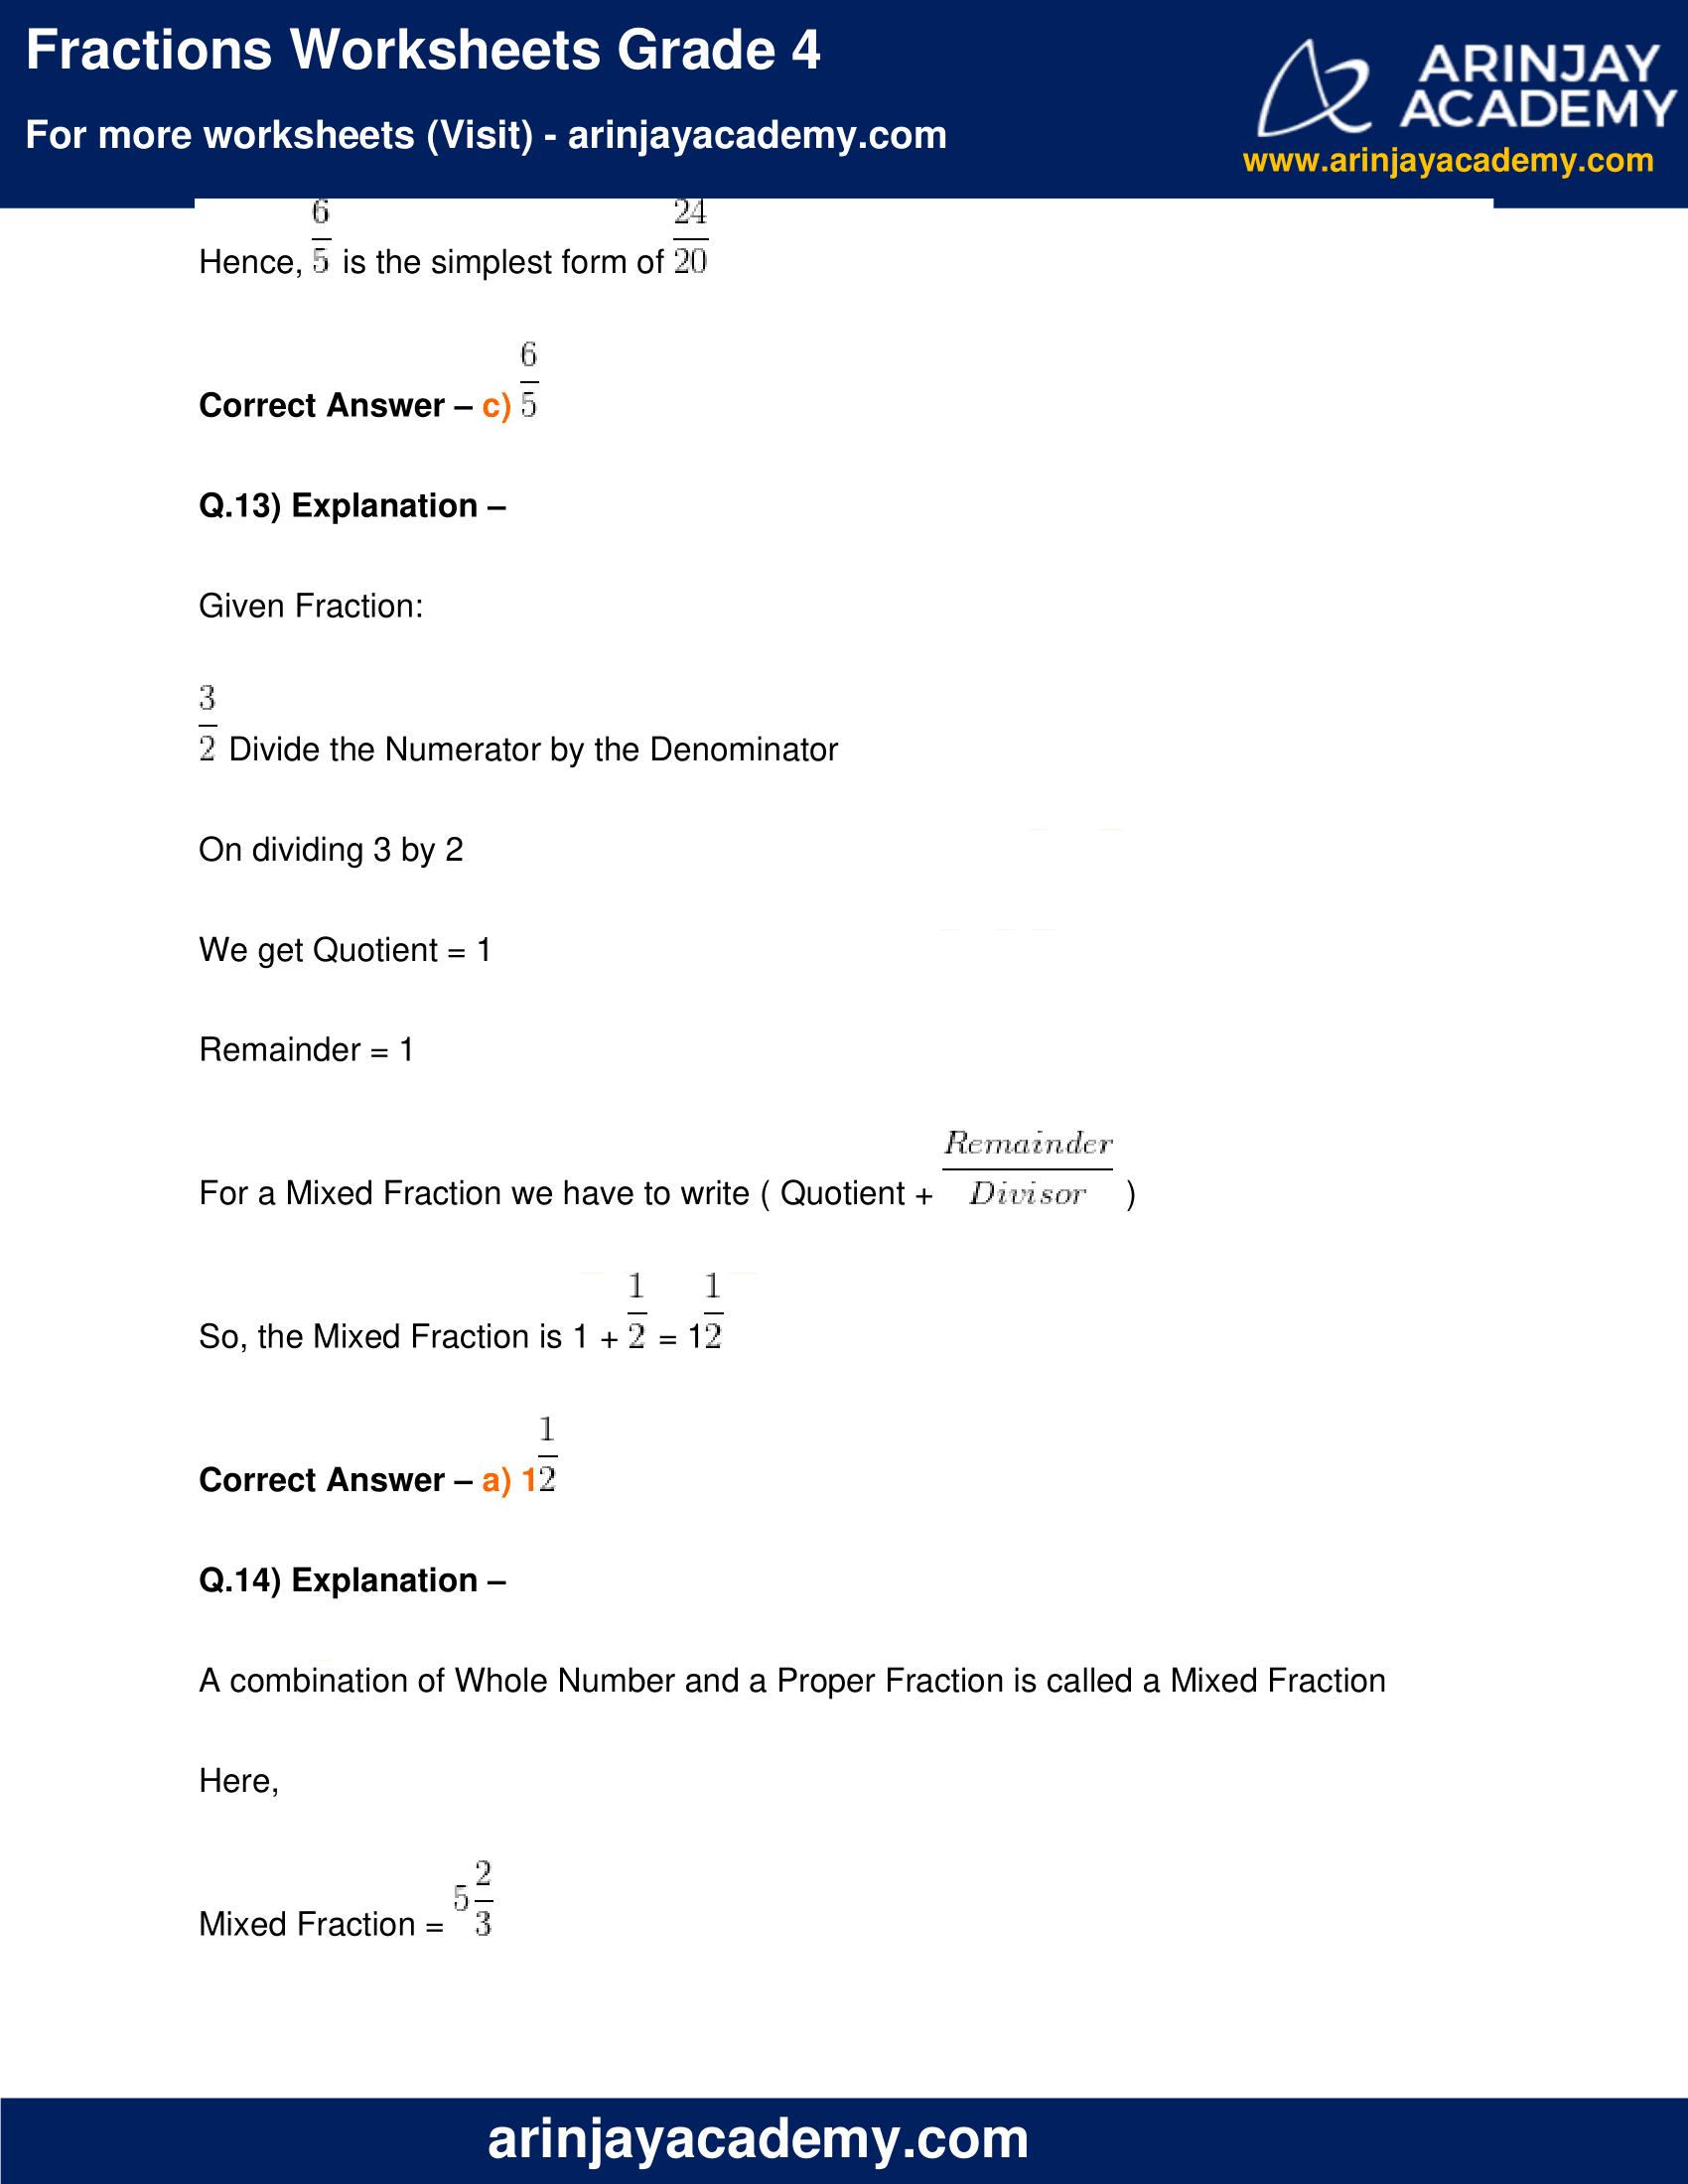 Fractions Worksheets Grade 4 image 12